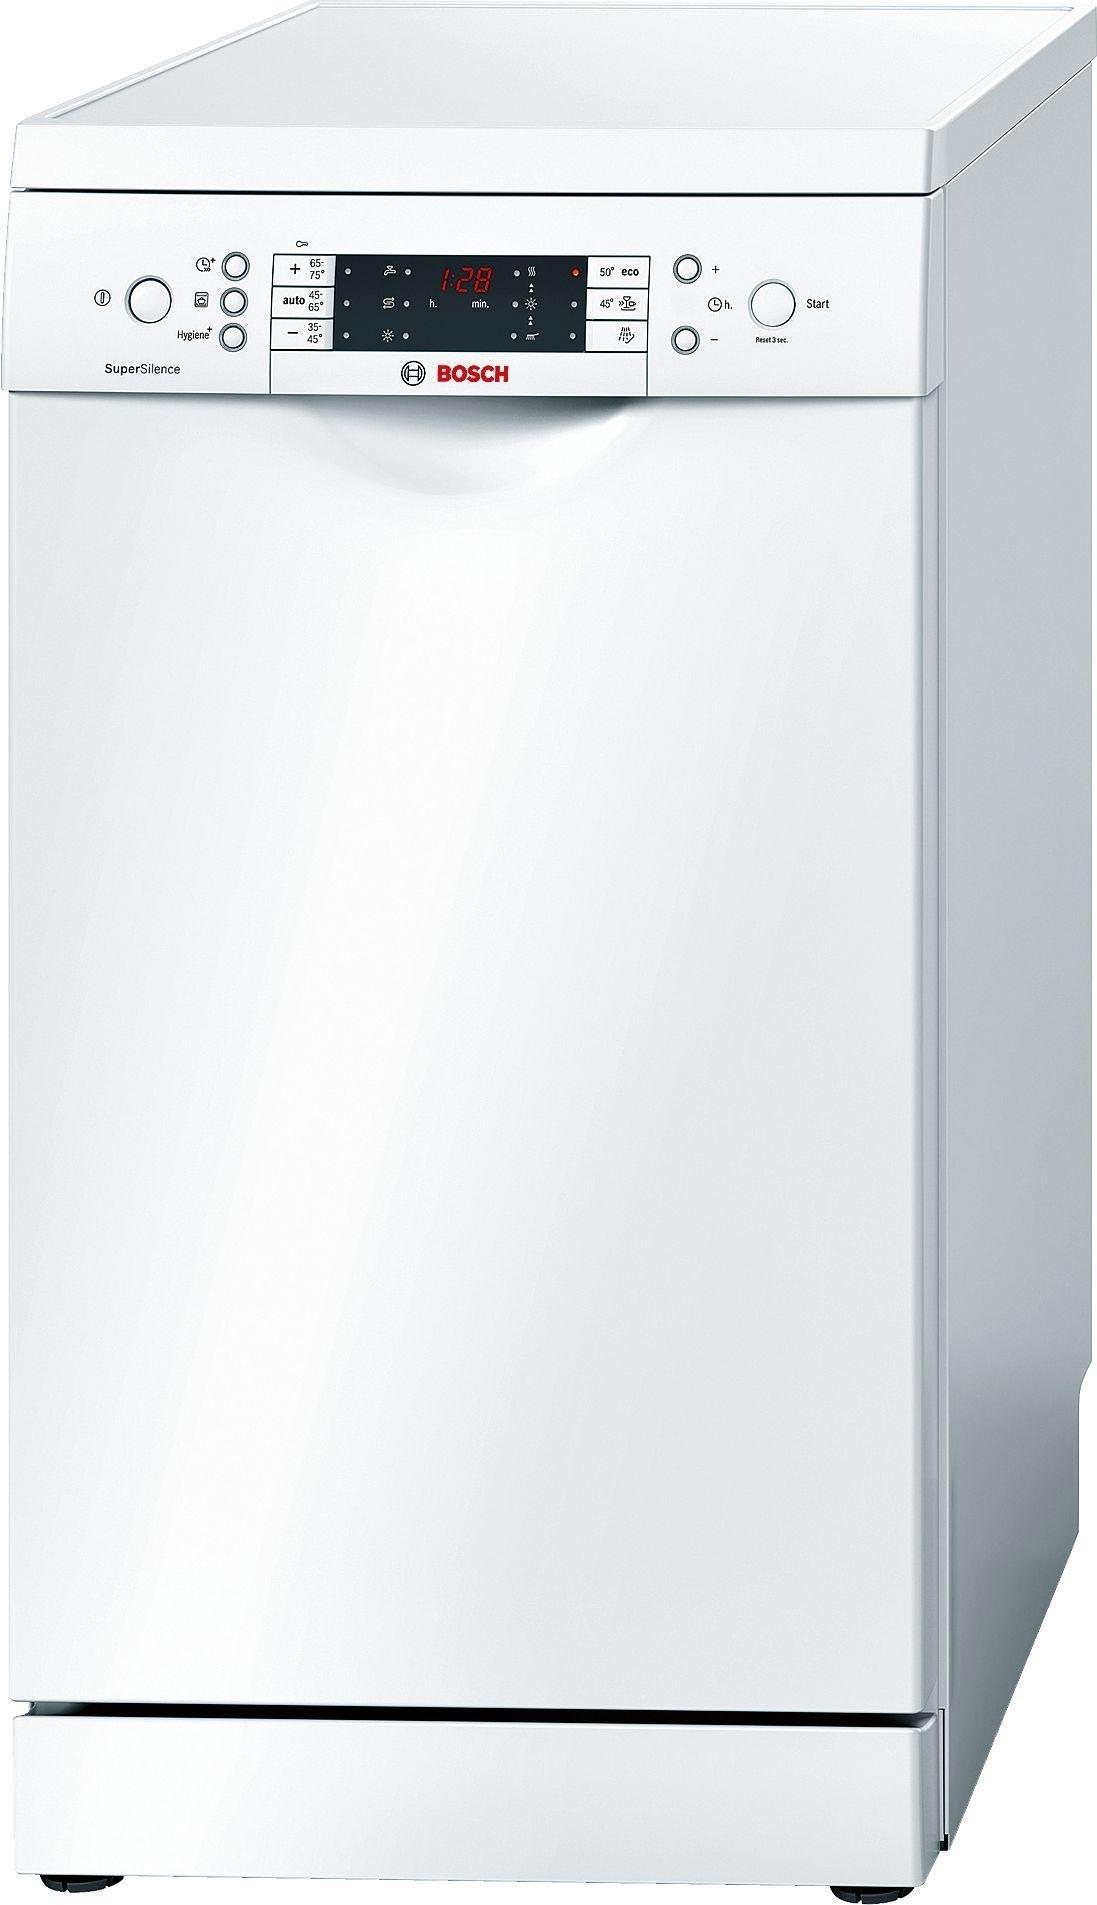 Lave vaisselle bosch sps69t42eu 45 cm livraison gen ve - Modele d exposition electromenager ...